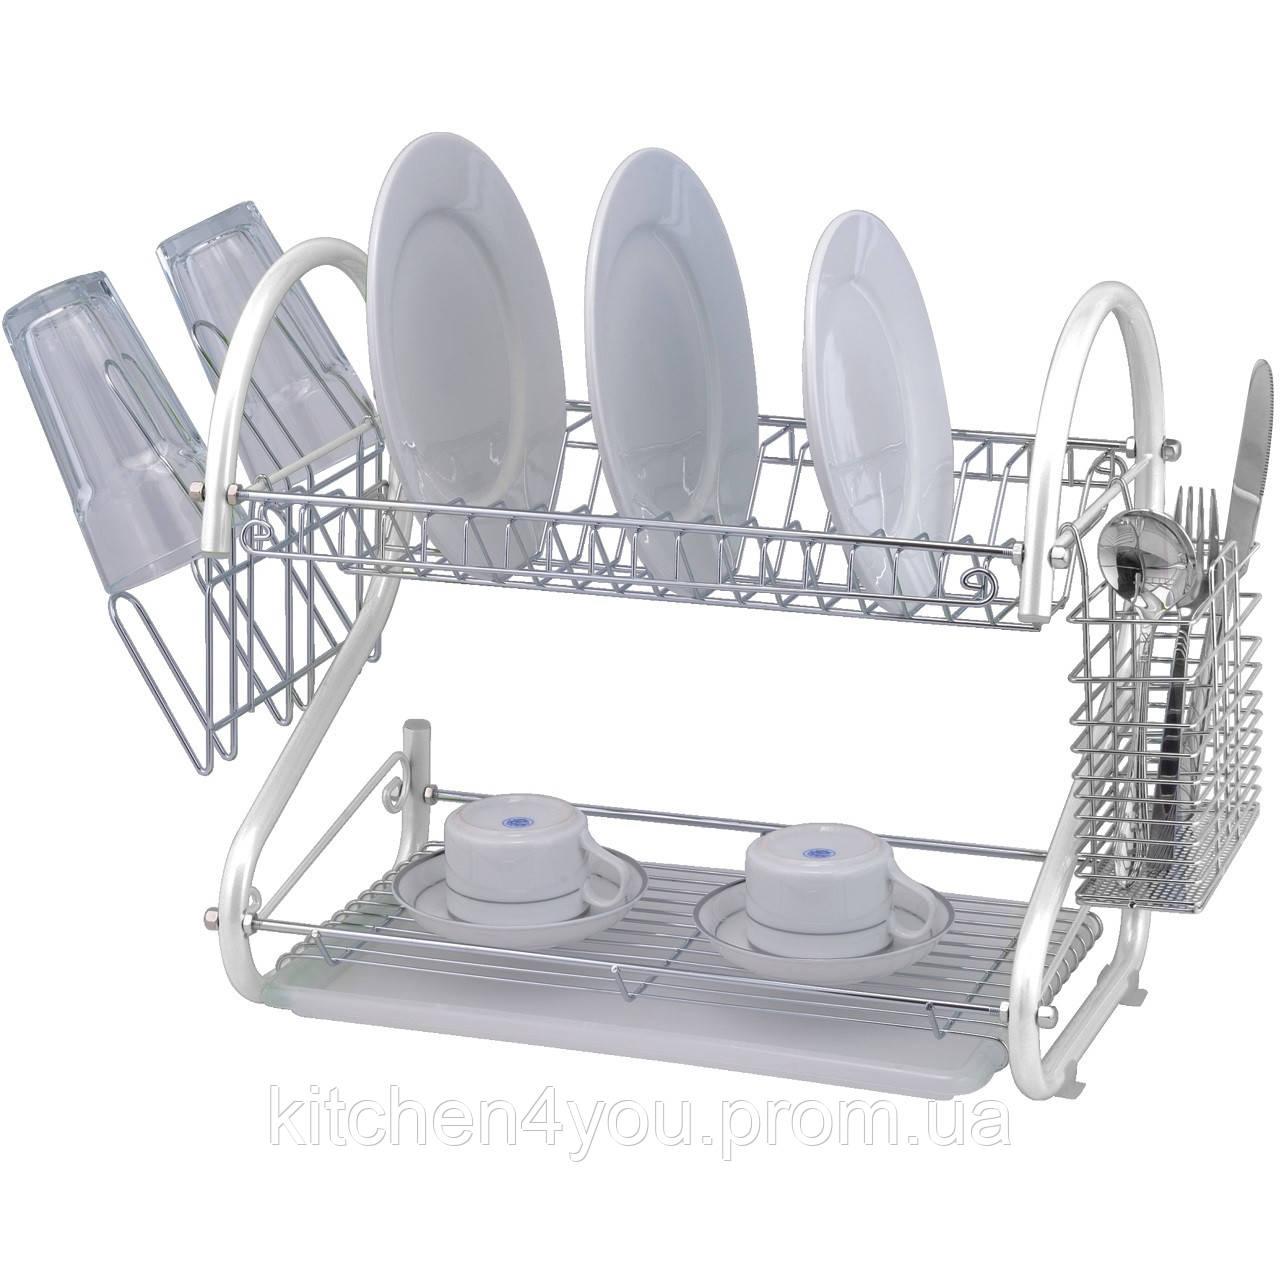 Настольная сушка для посуды LF-766WHT (558х245х395 мм.) хром / белый